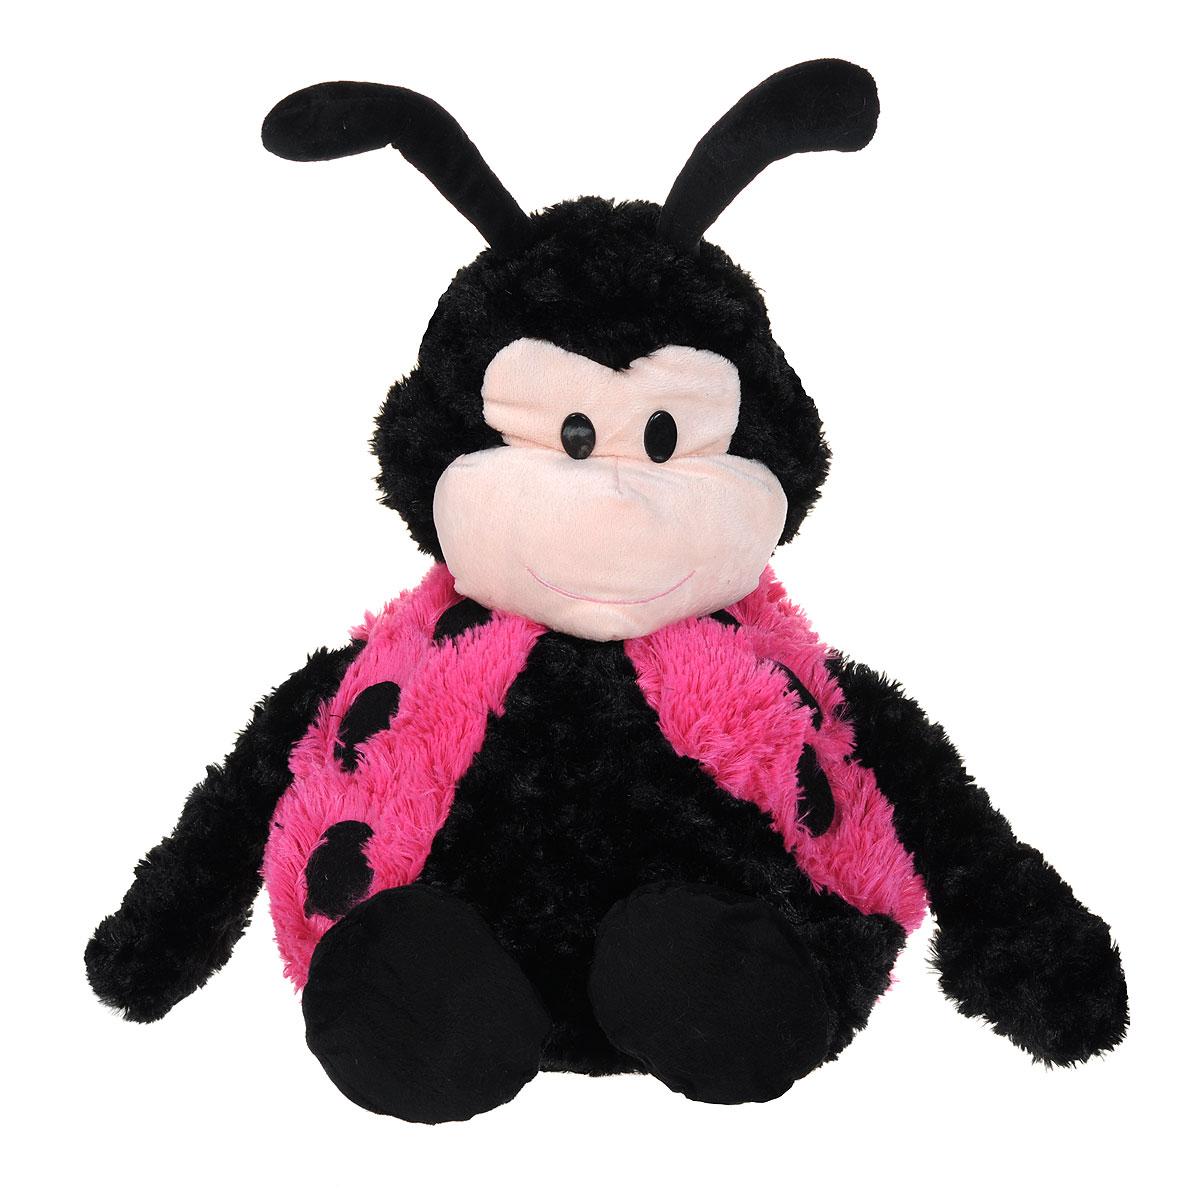 Мягкая игрушка-подушка Bradex Божья коровка, цвет: черный, розовый, бежевыйDE 0034Очаровательная мягкая игрушка-подушка Bradex Божья коровка не оставит равнодушным ни ребенка, ни взрослого. Приятная на ощупь игрушка выполнена из гипоаллергенного материала в виде милой божьей коровки с пластиковыми глазками. Уникальная конструкция мягкой игрушки позволяет в считанные минуты трансформировать ее из игрушки в подушку в виде домика. Достаточно всего лишь расстегнуть застежку-молнию, вывернуть игрушку и застегнуть обратно. Такая игрушка-подушка прекрасно дополнит интерьер детской комнаты. Возьмите эту уникальную игрушку с собой в дорогу и подарите вашему ребенку не только увлекательное времяпрепровождение с ней, но и здоровый сон.